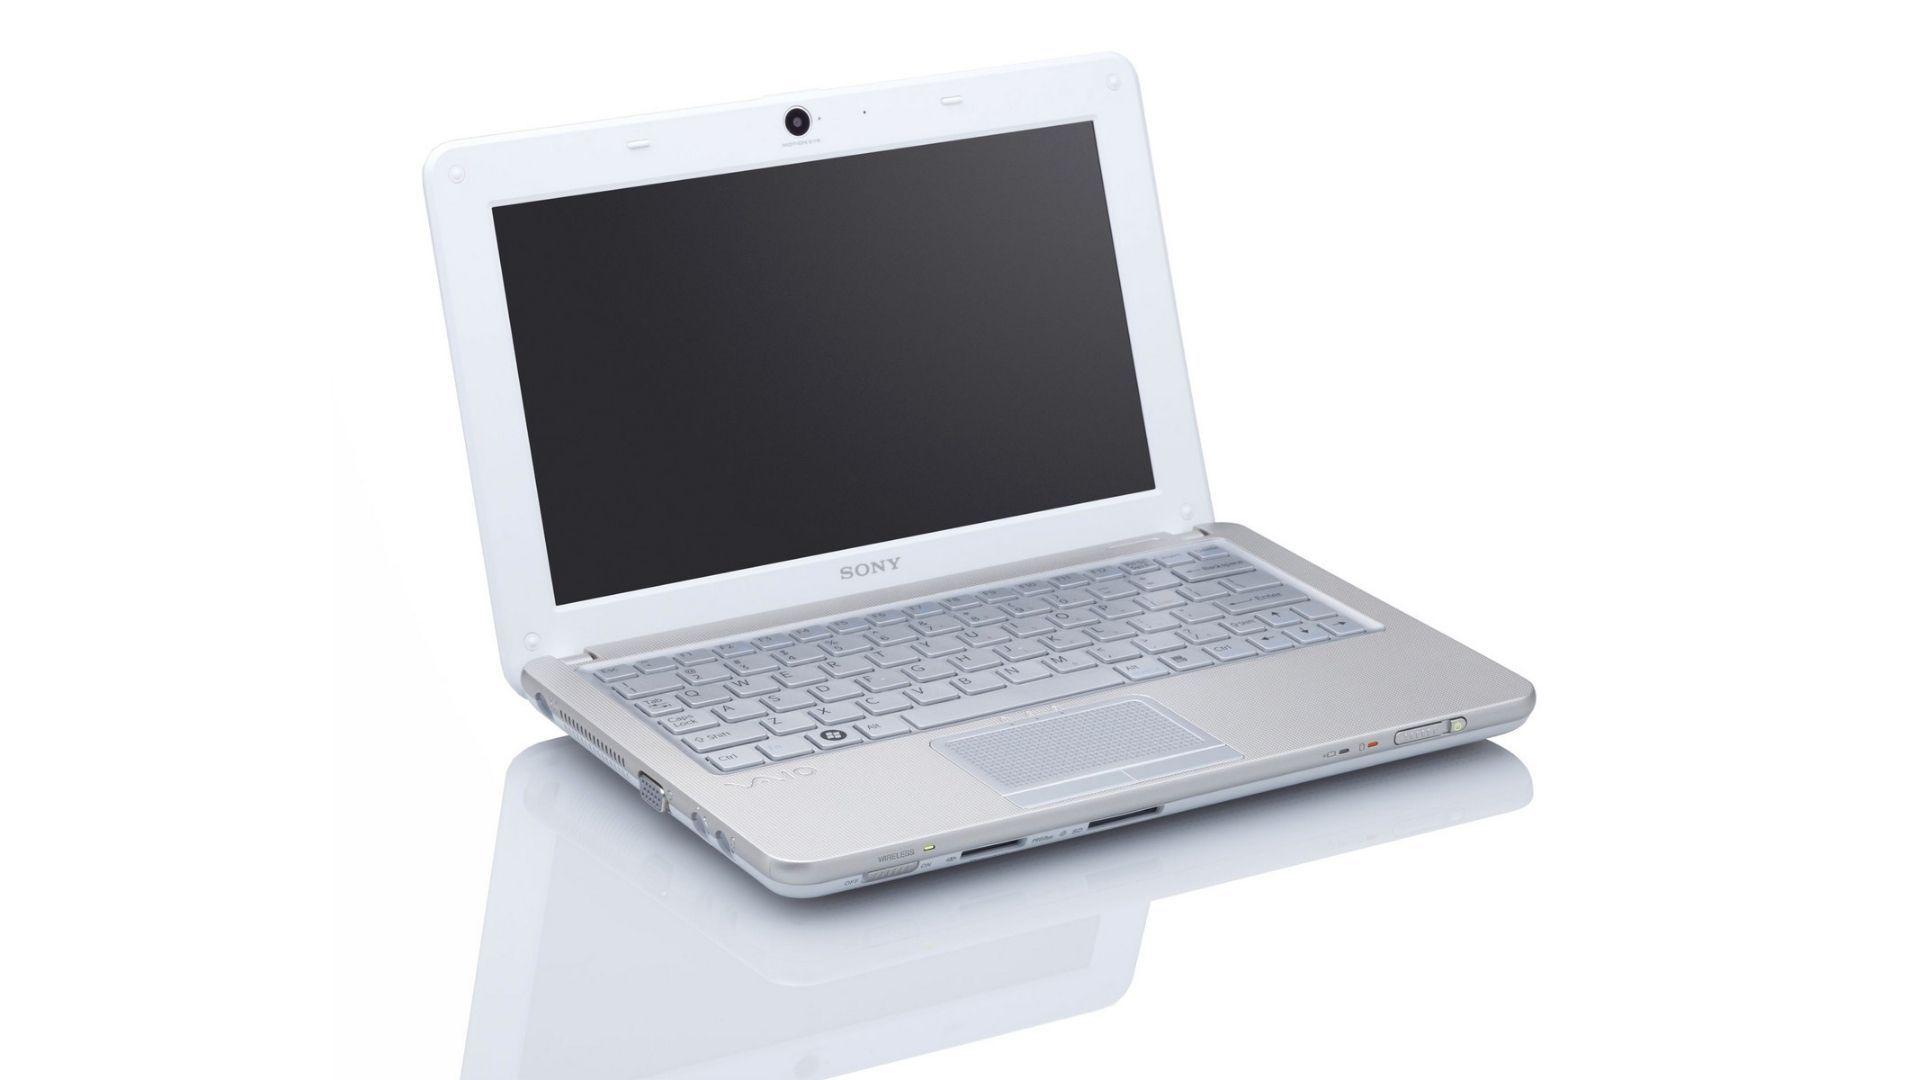 Netbook da VAIO, marca que na época era da Sony (Foto: Divulgação/VAIO)